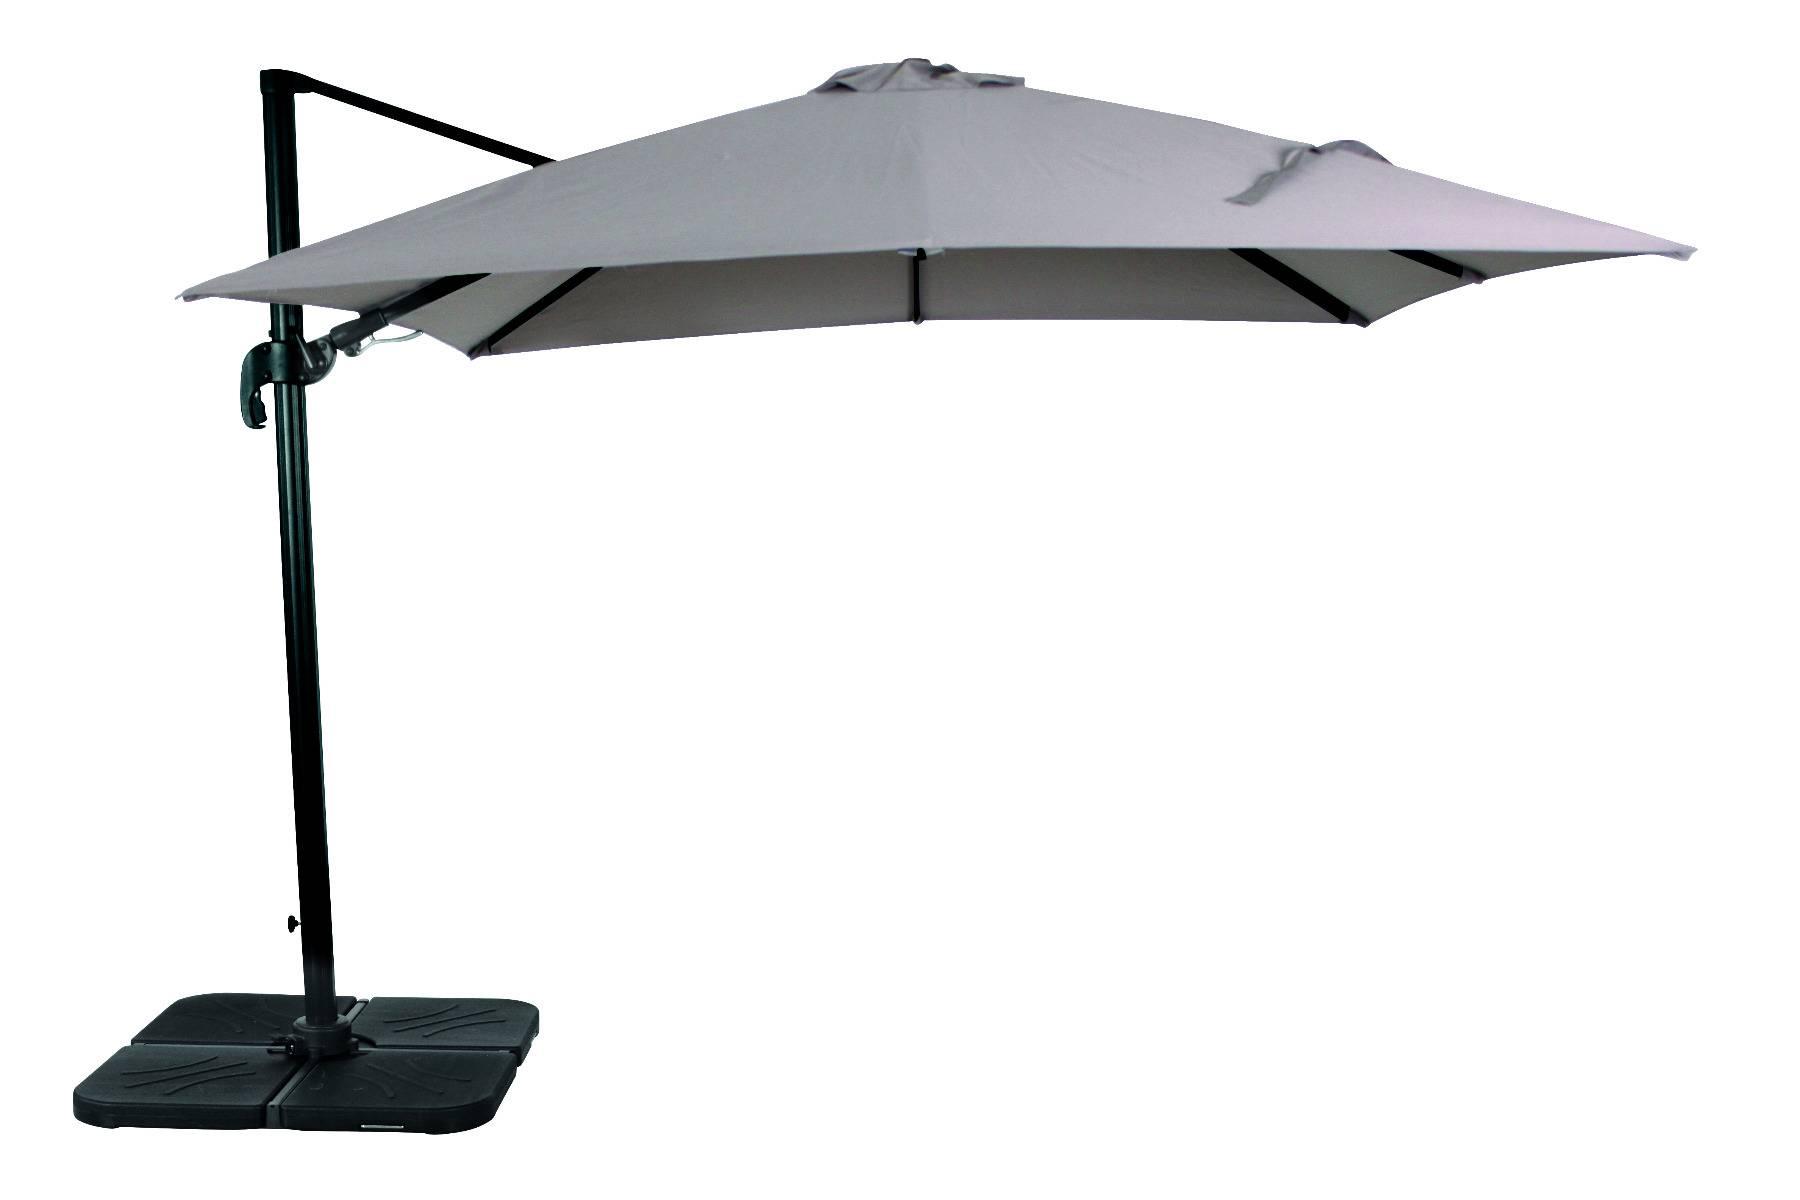 acamatic 3D Ampelschirm quadratisch 300x300 cm anthrazit taupe 25,8 kg mit Fuss ohne Platten Aluminium Gestell Sonnenschutzfaktor 50+ mit wasserabweisendem Bezug aus Polyester 200g/m²